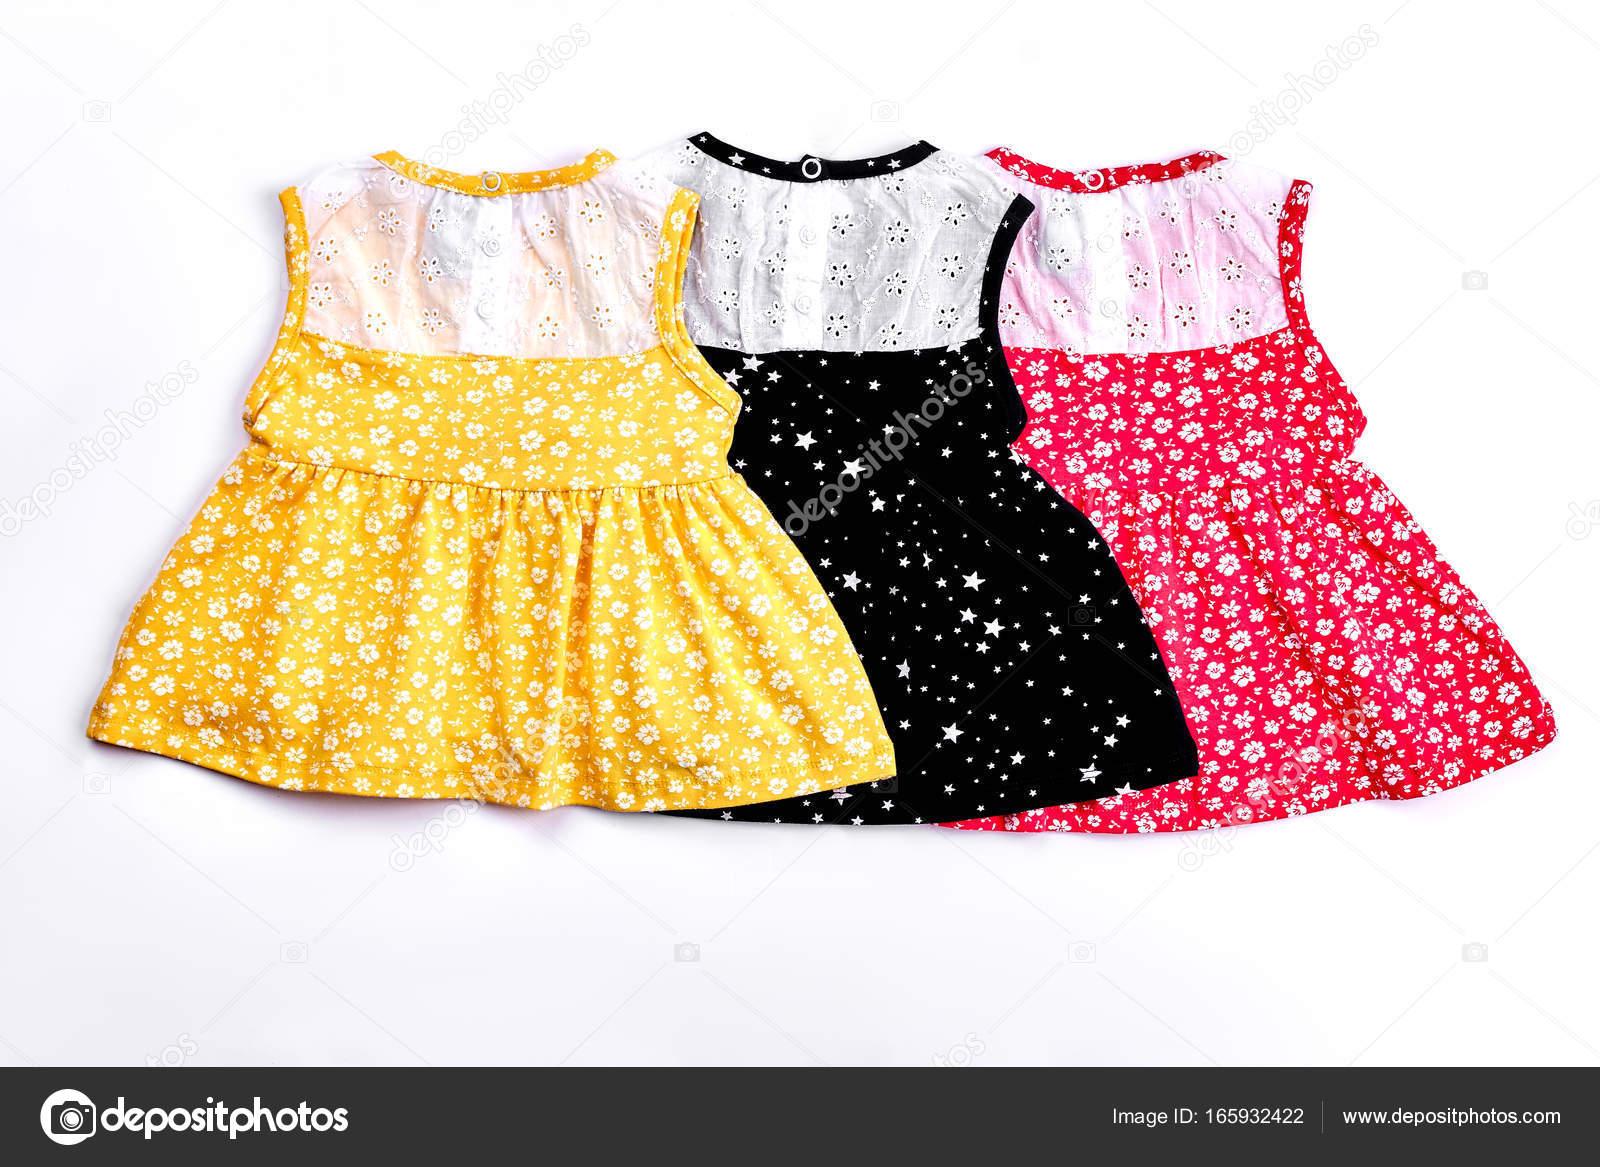 ce26fdaea3f Vestidos de diseño lindo para bebé niña. Colección de hermosos estampados  drsses con bordado de fondo las muchachas del bebé